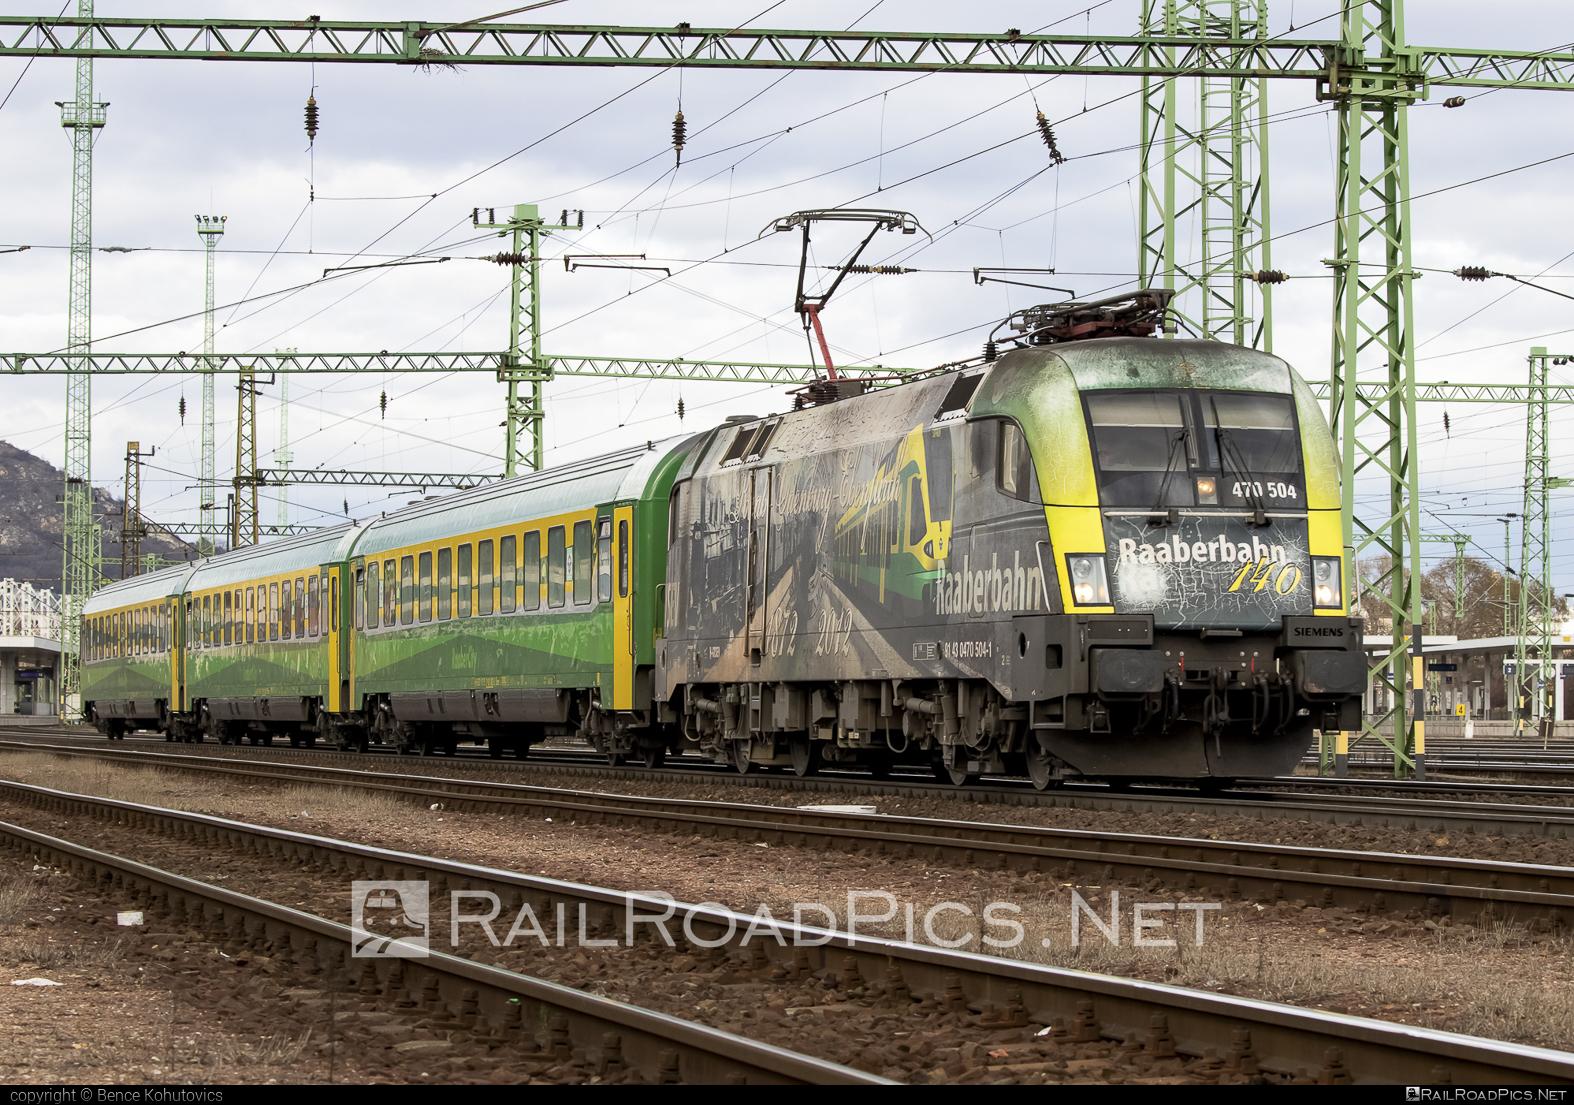 Siemens ES 64 U2 - 470 504 operated by GYSEV - Györ-Sopron-Ebenfurti Vasut Részvénytarsasag #es64 #es64u #es64u2 #eurosprinter #gyorsopronebenfurtivasutreszvenytarsasag #gysev #raaberbahn #siemens #siemenses64 #siemenses64u #siemenses64u2 #siemenstaurus #taurus #tauruslocomotive